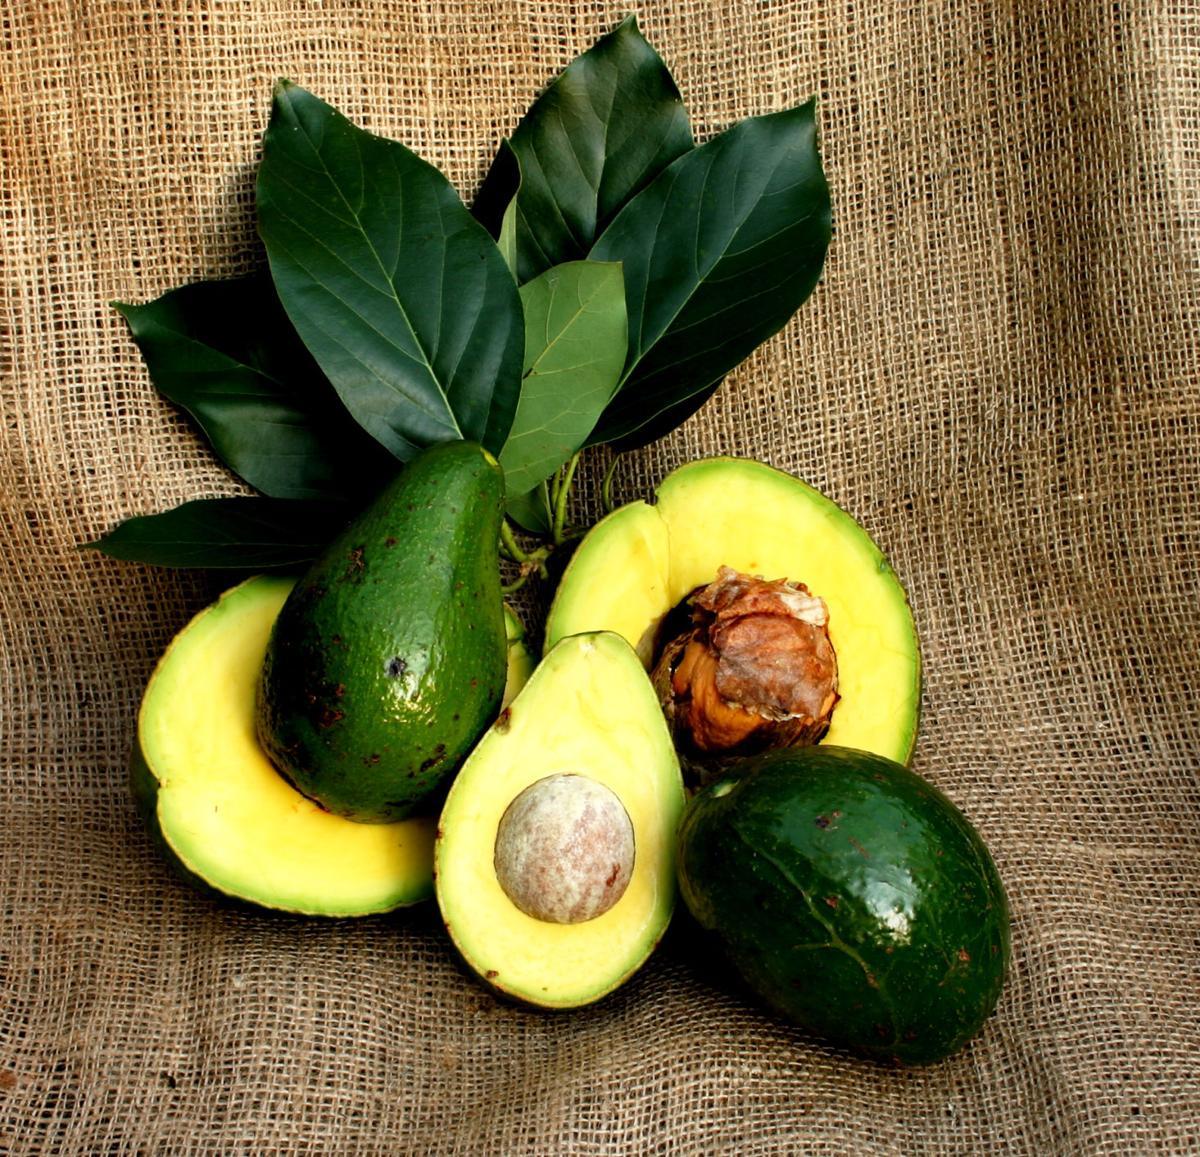 Avocado (Persea Americana)